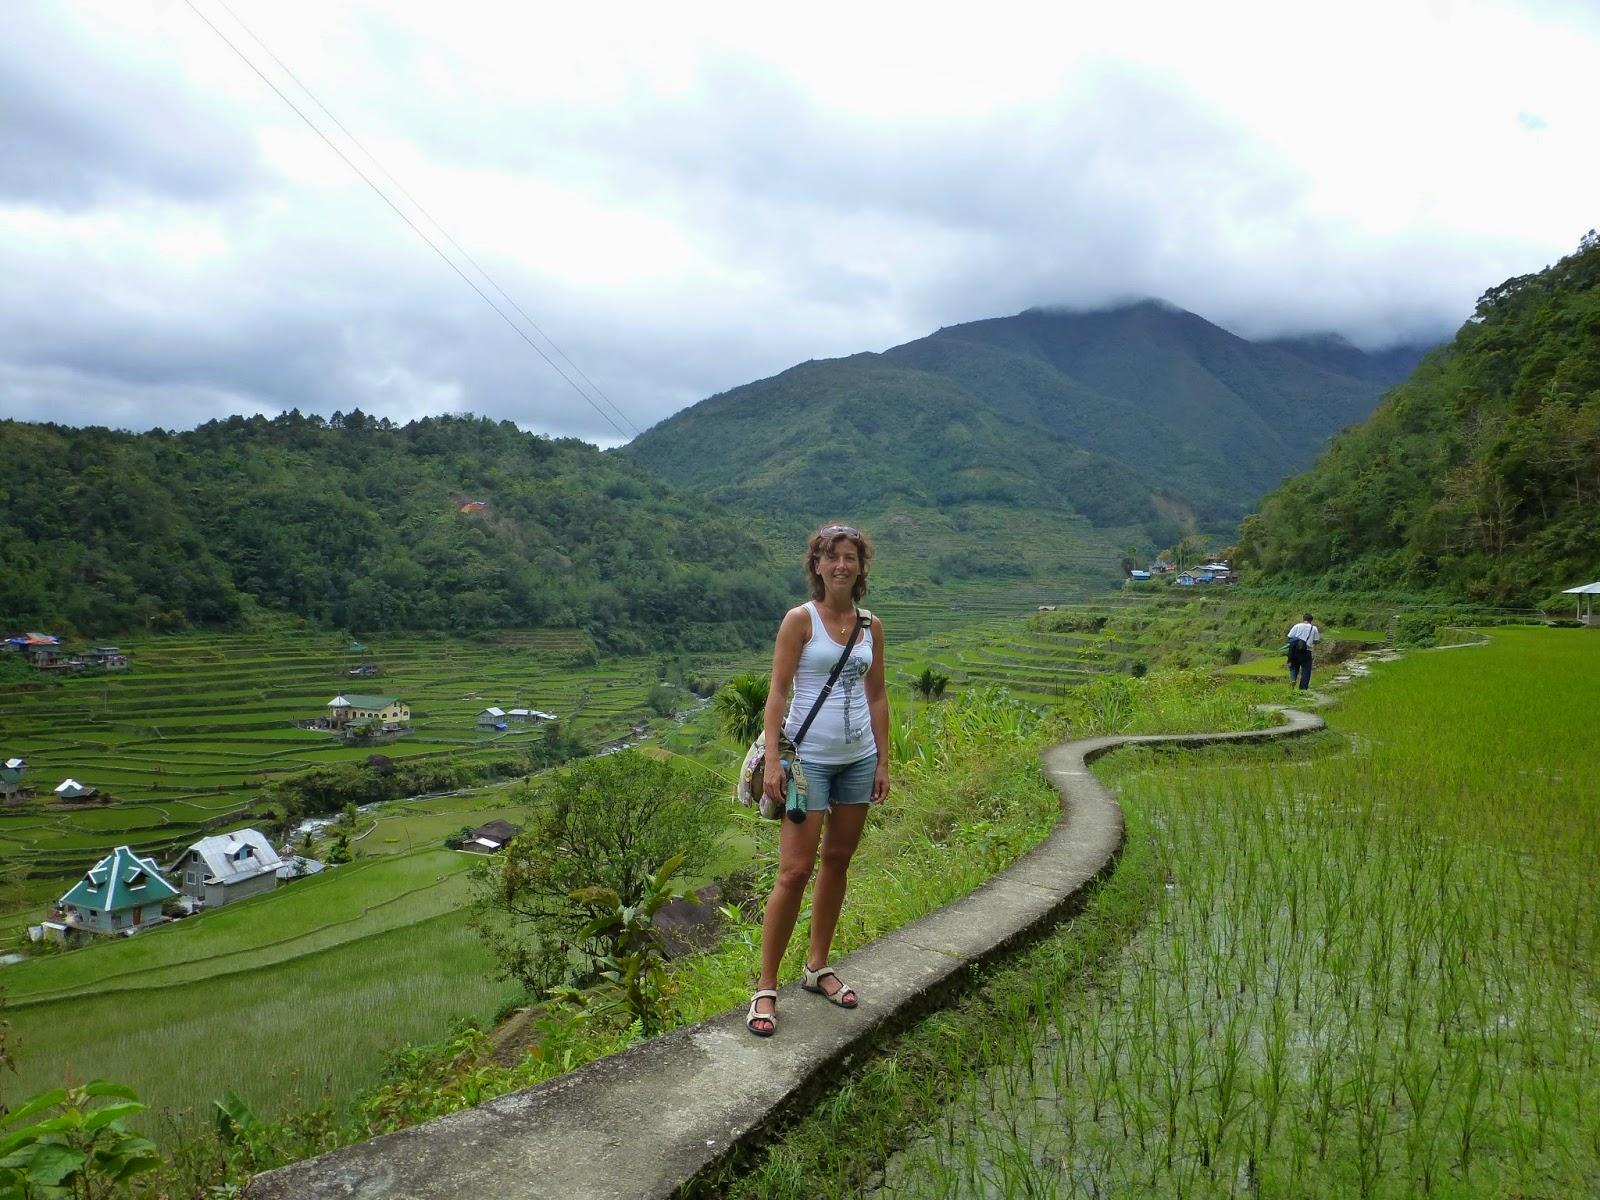 Hapao Rice Terraces - Philippines